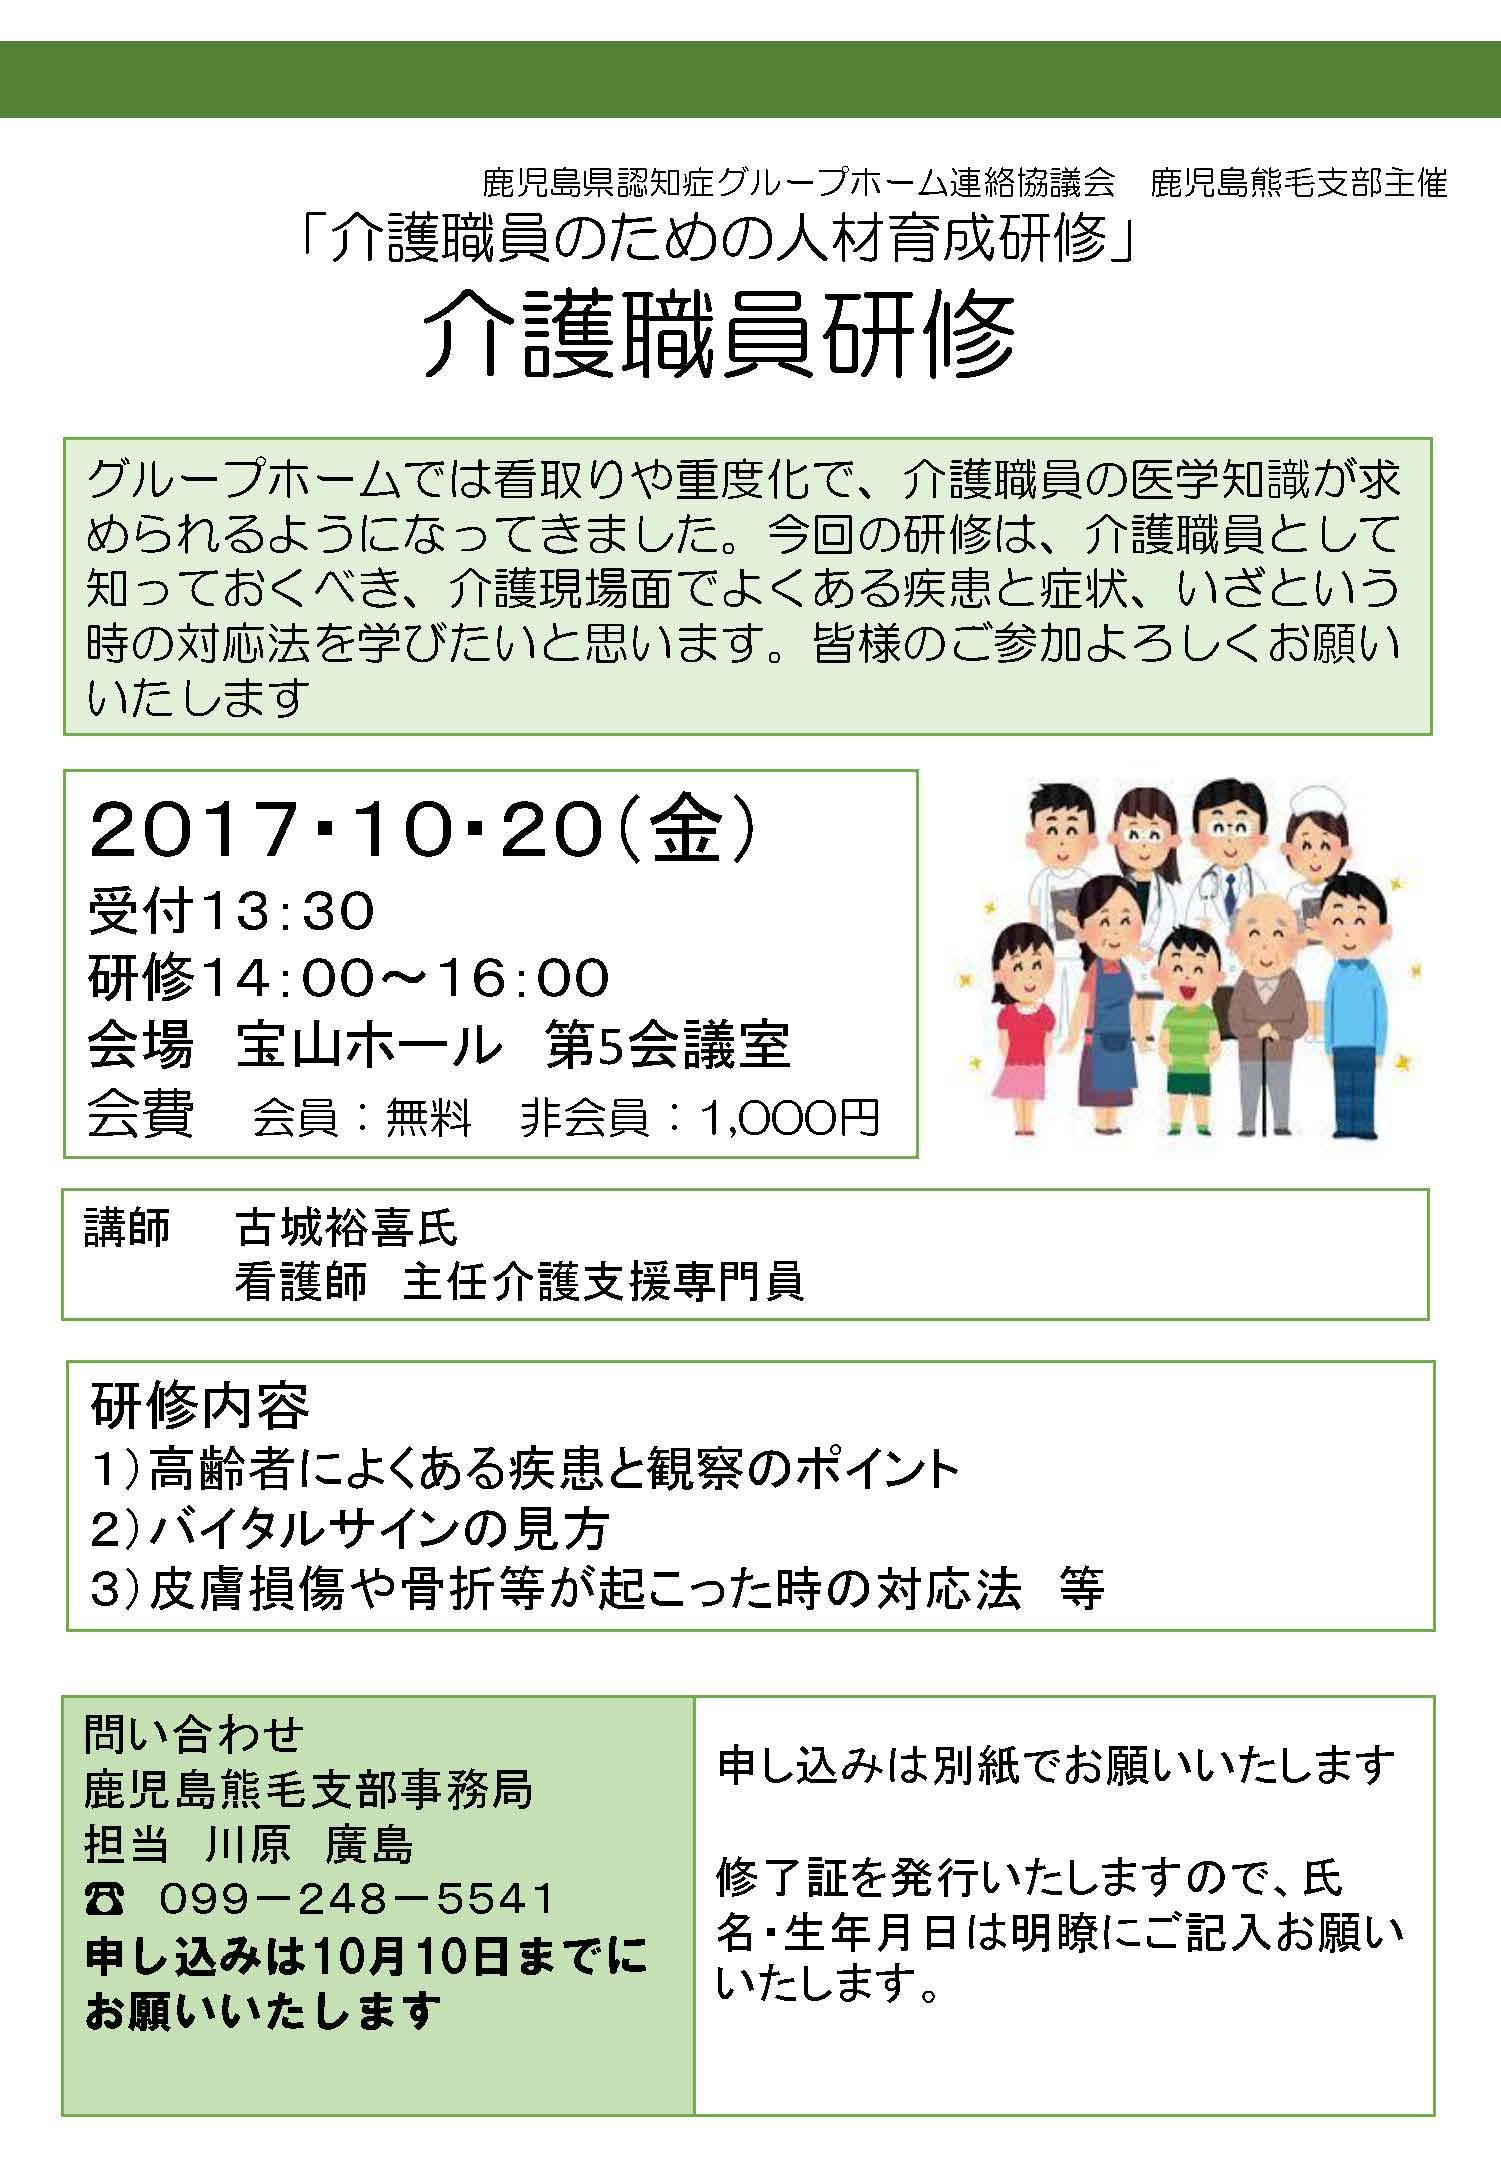 syokyusya_kagoshima